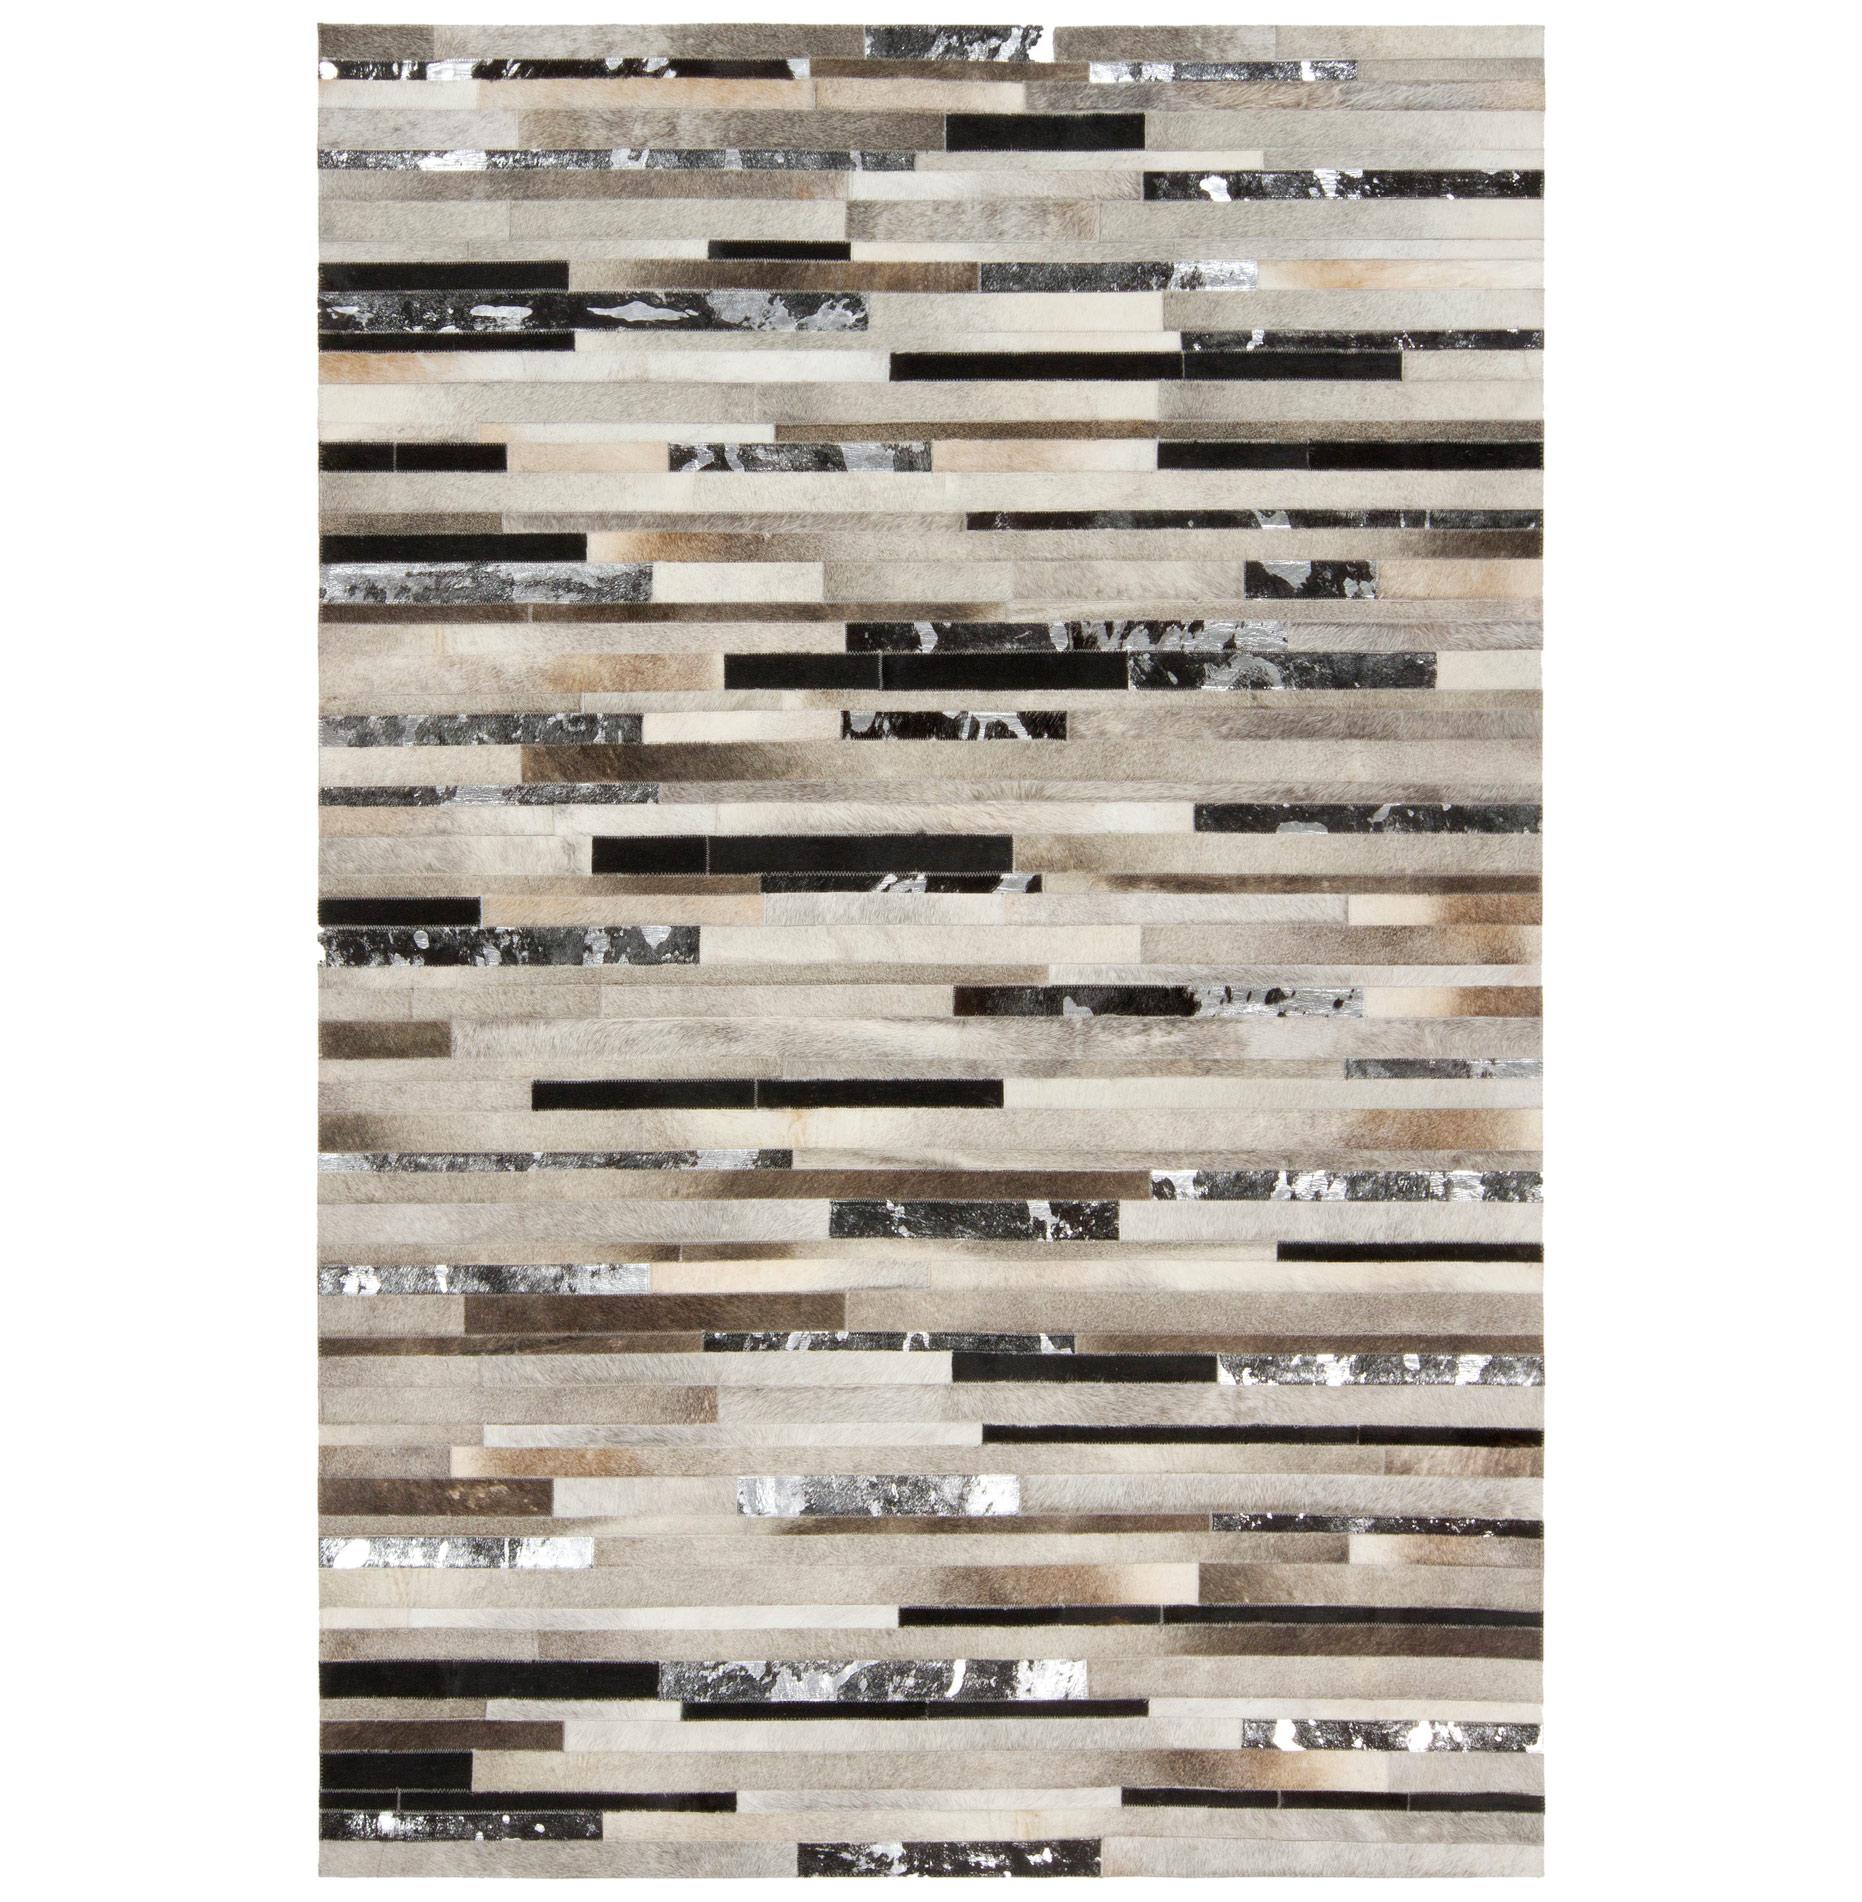 Kamla Global Bazaar Speckled Tile Black Silver Cowhide Rug - 5x8